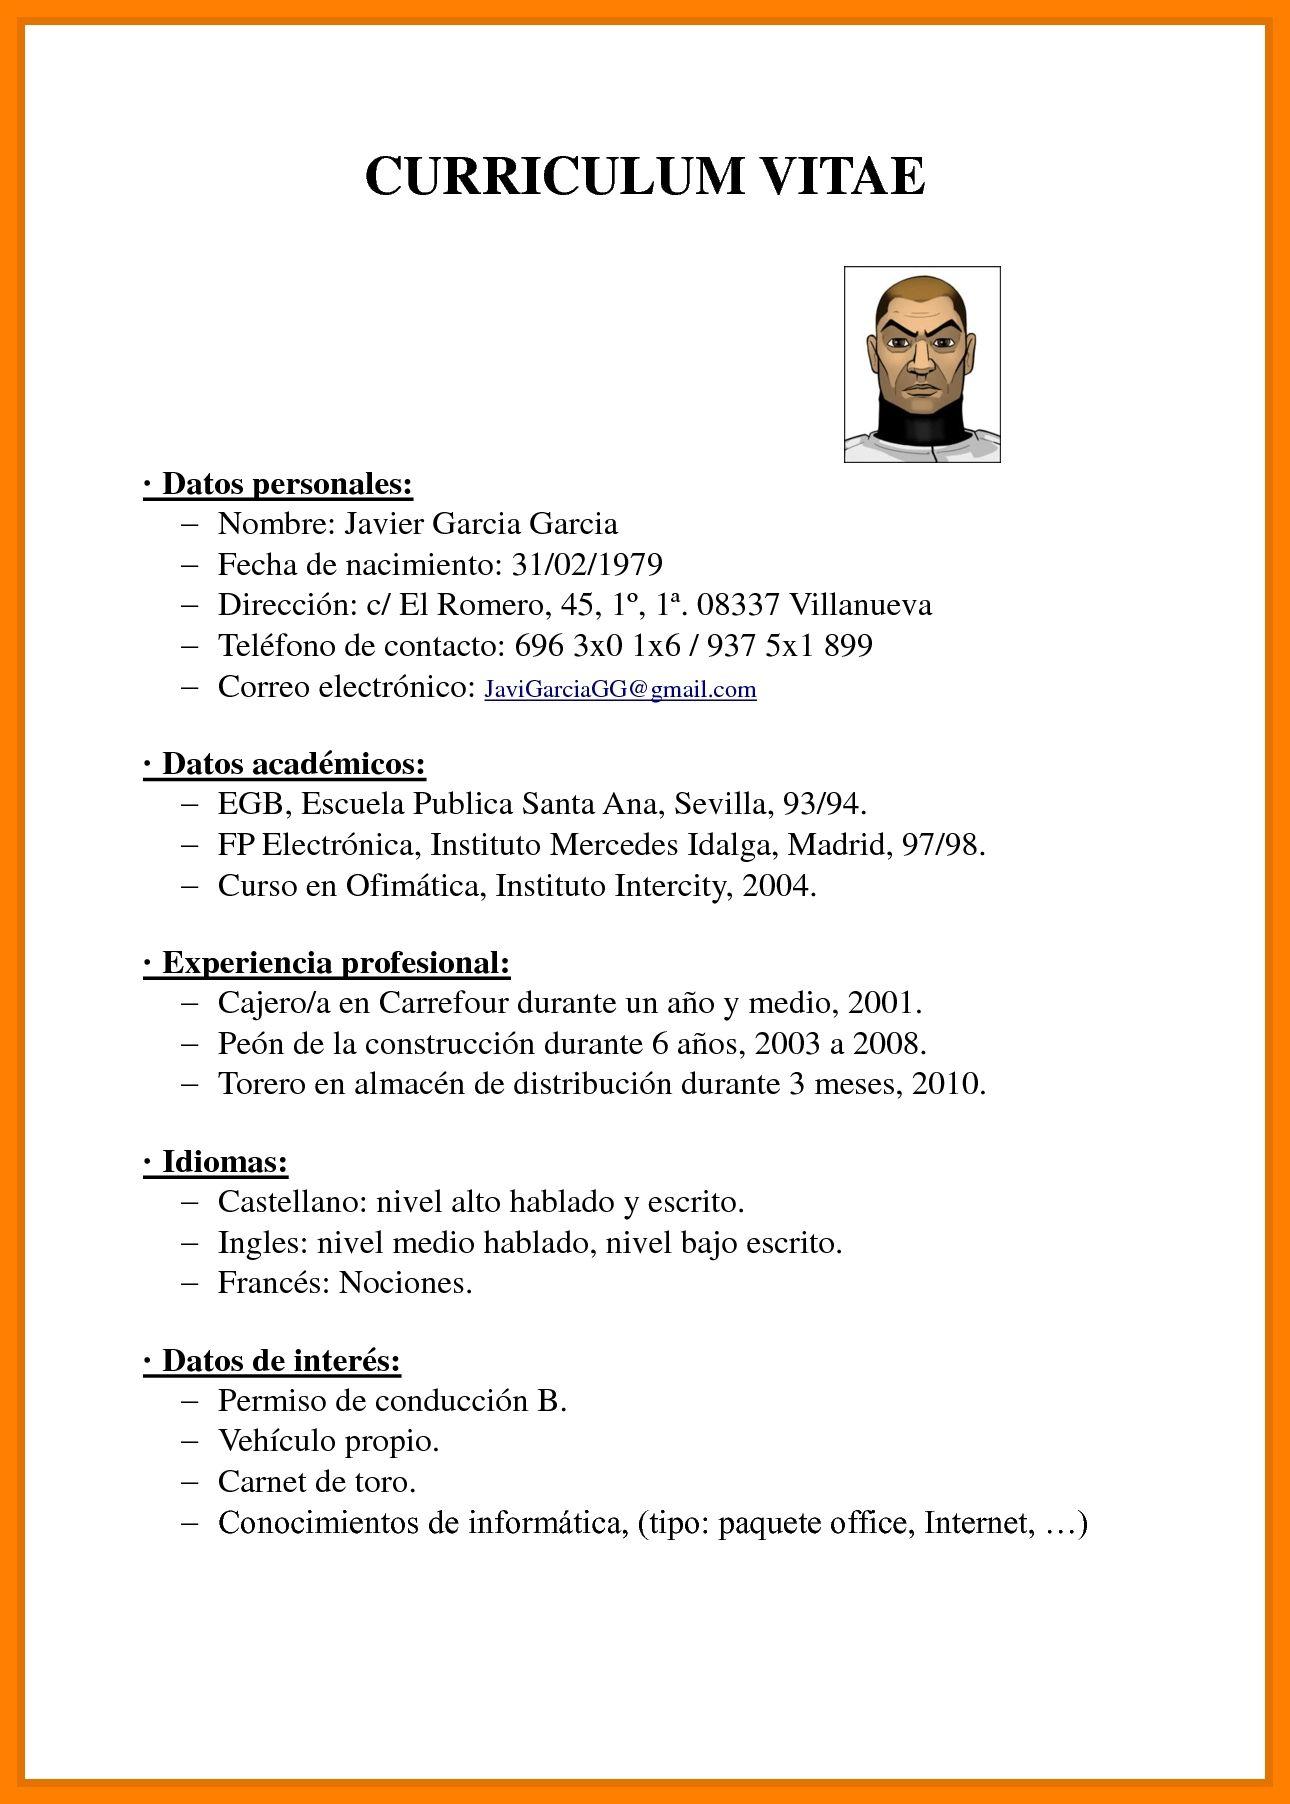 Curriculum Vitae Profesional 2018